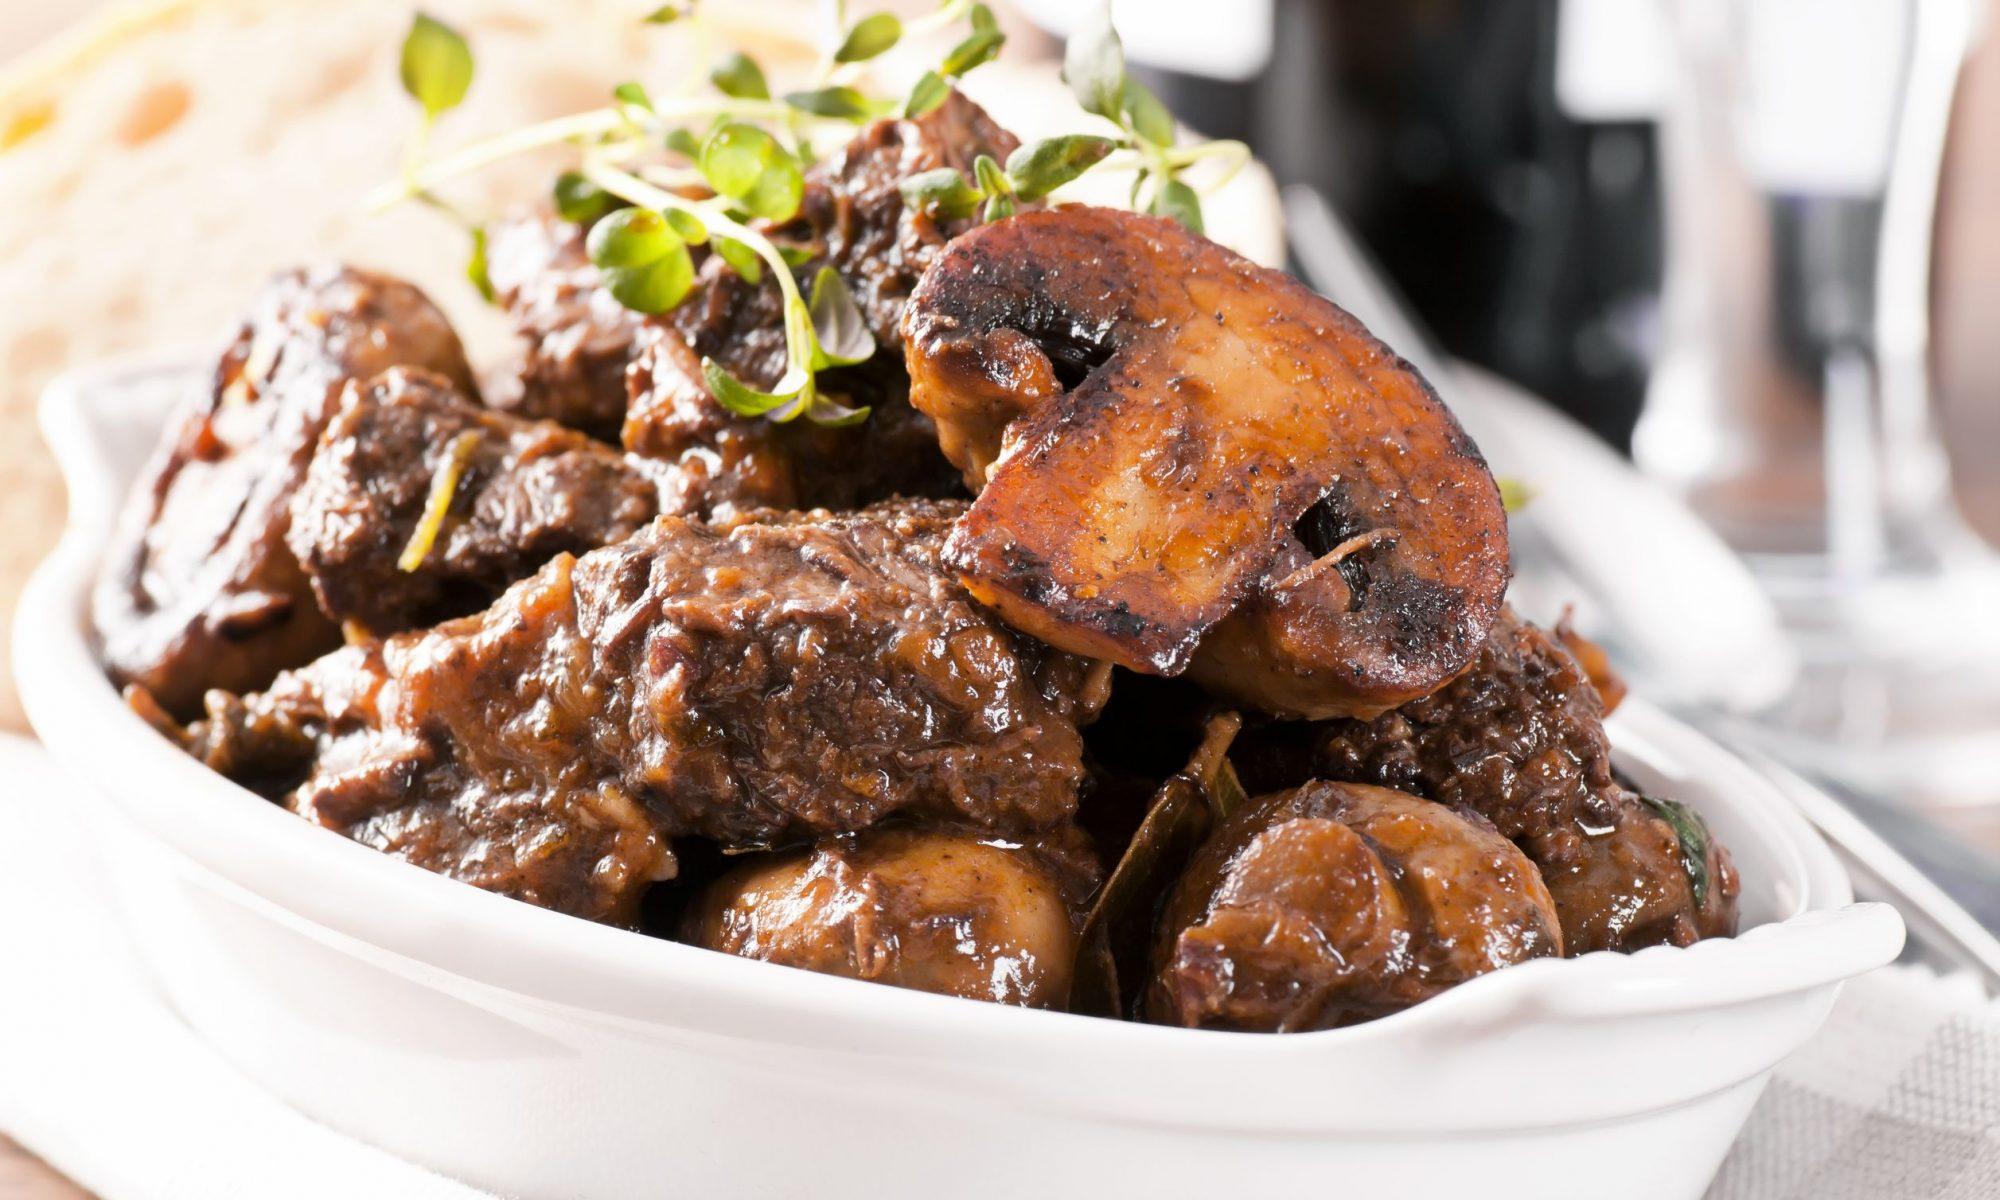 Рецепты тушеной свинины на сковороде от Шефмаркет